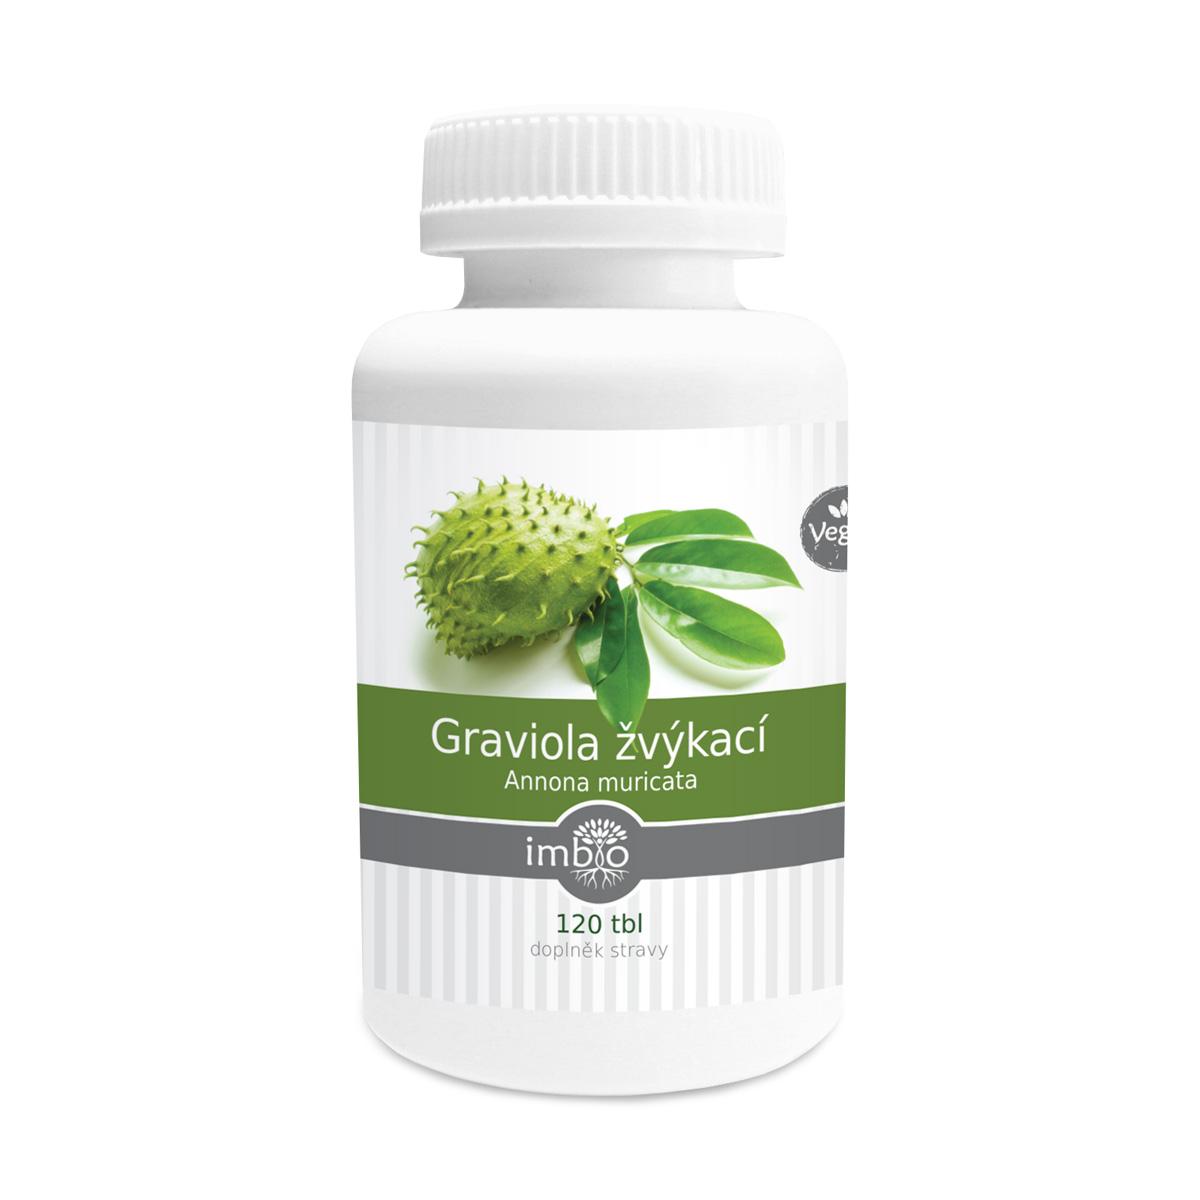 imbio Graviola žvýkací 120 tbl